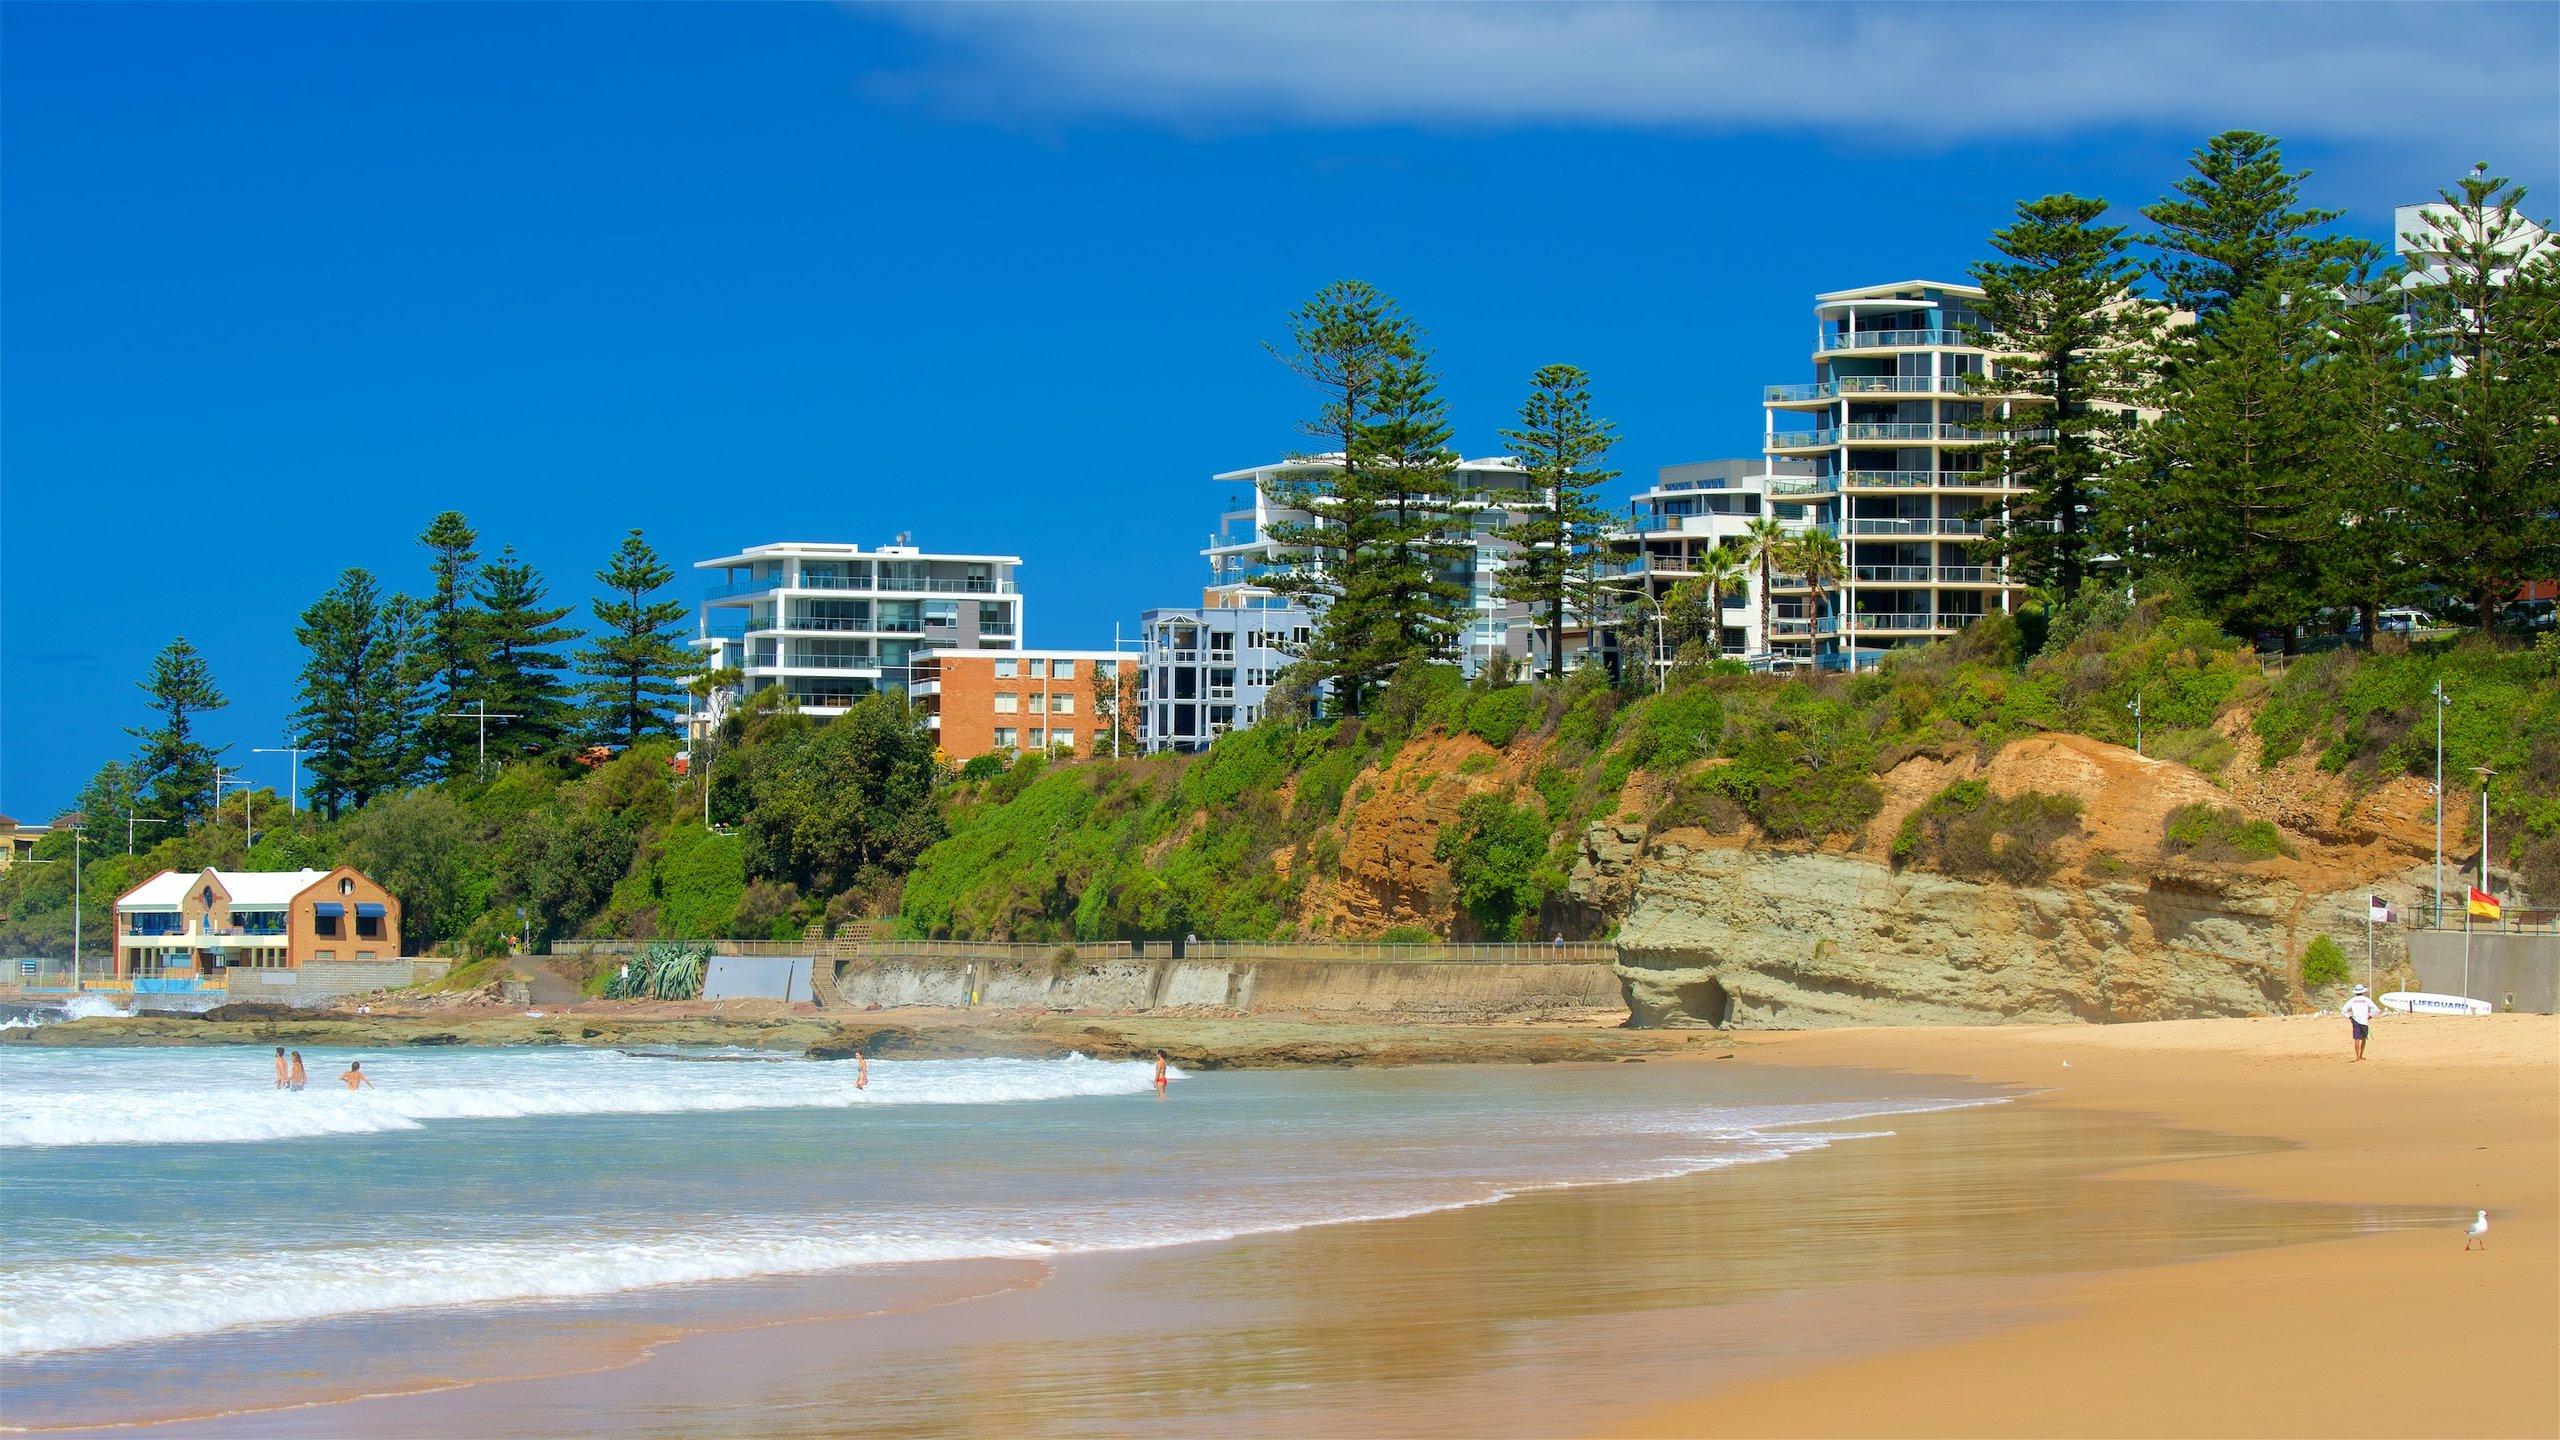 North Wollongong Beach, Wollongong, New South Wales, Australia